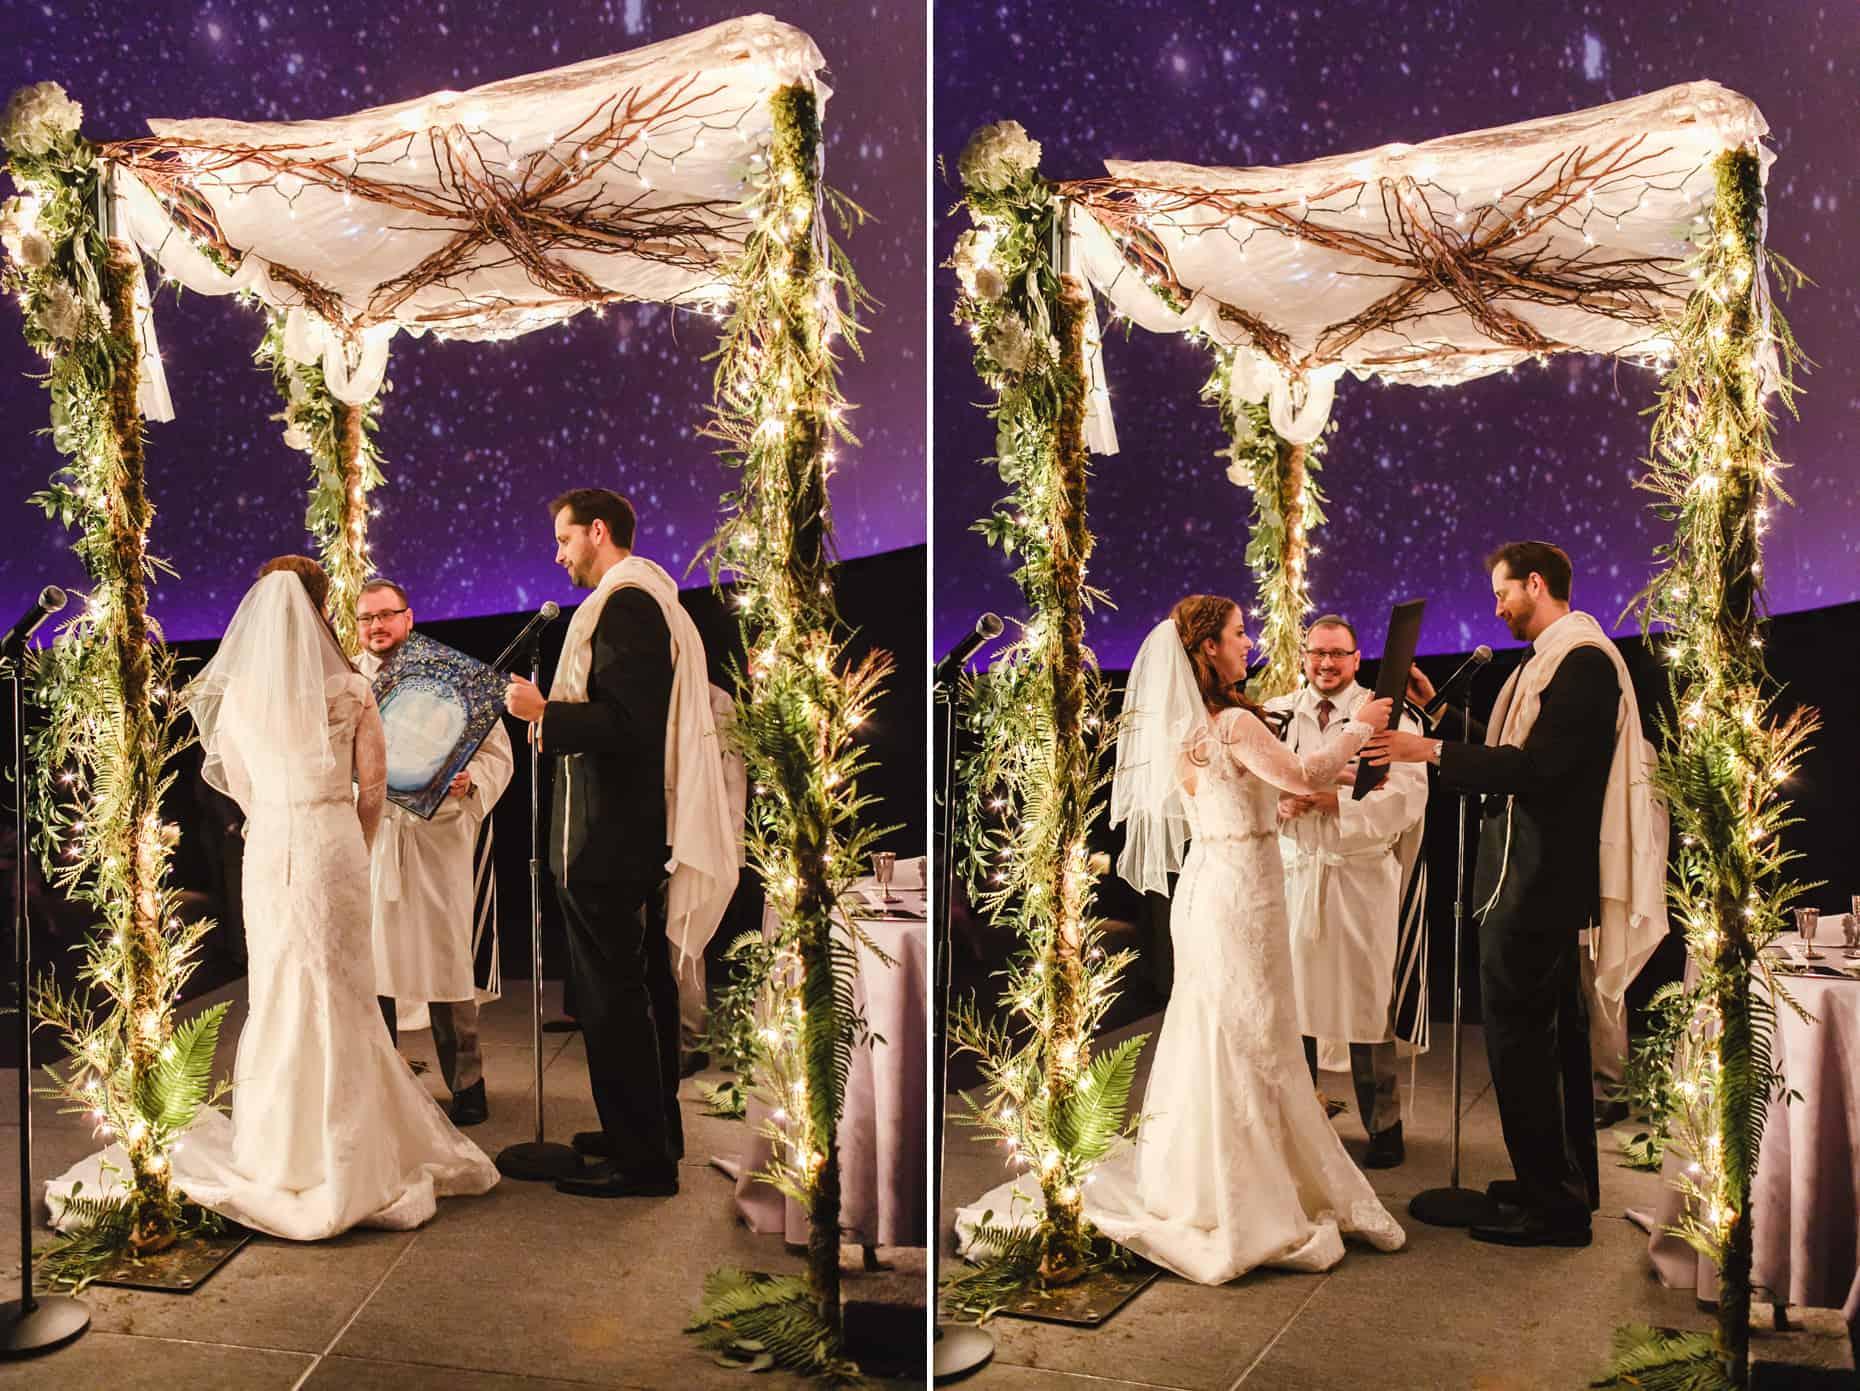 Franklin Institute Planetarium Weddings